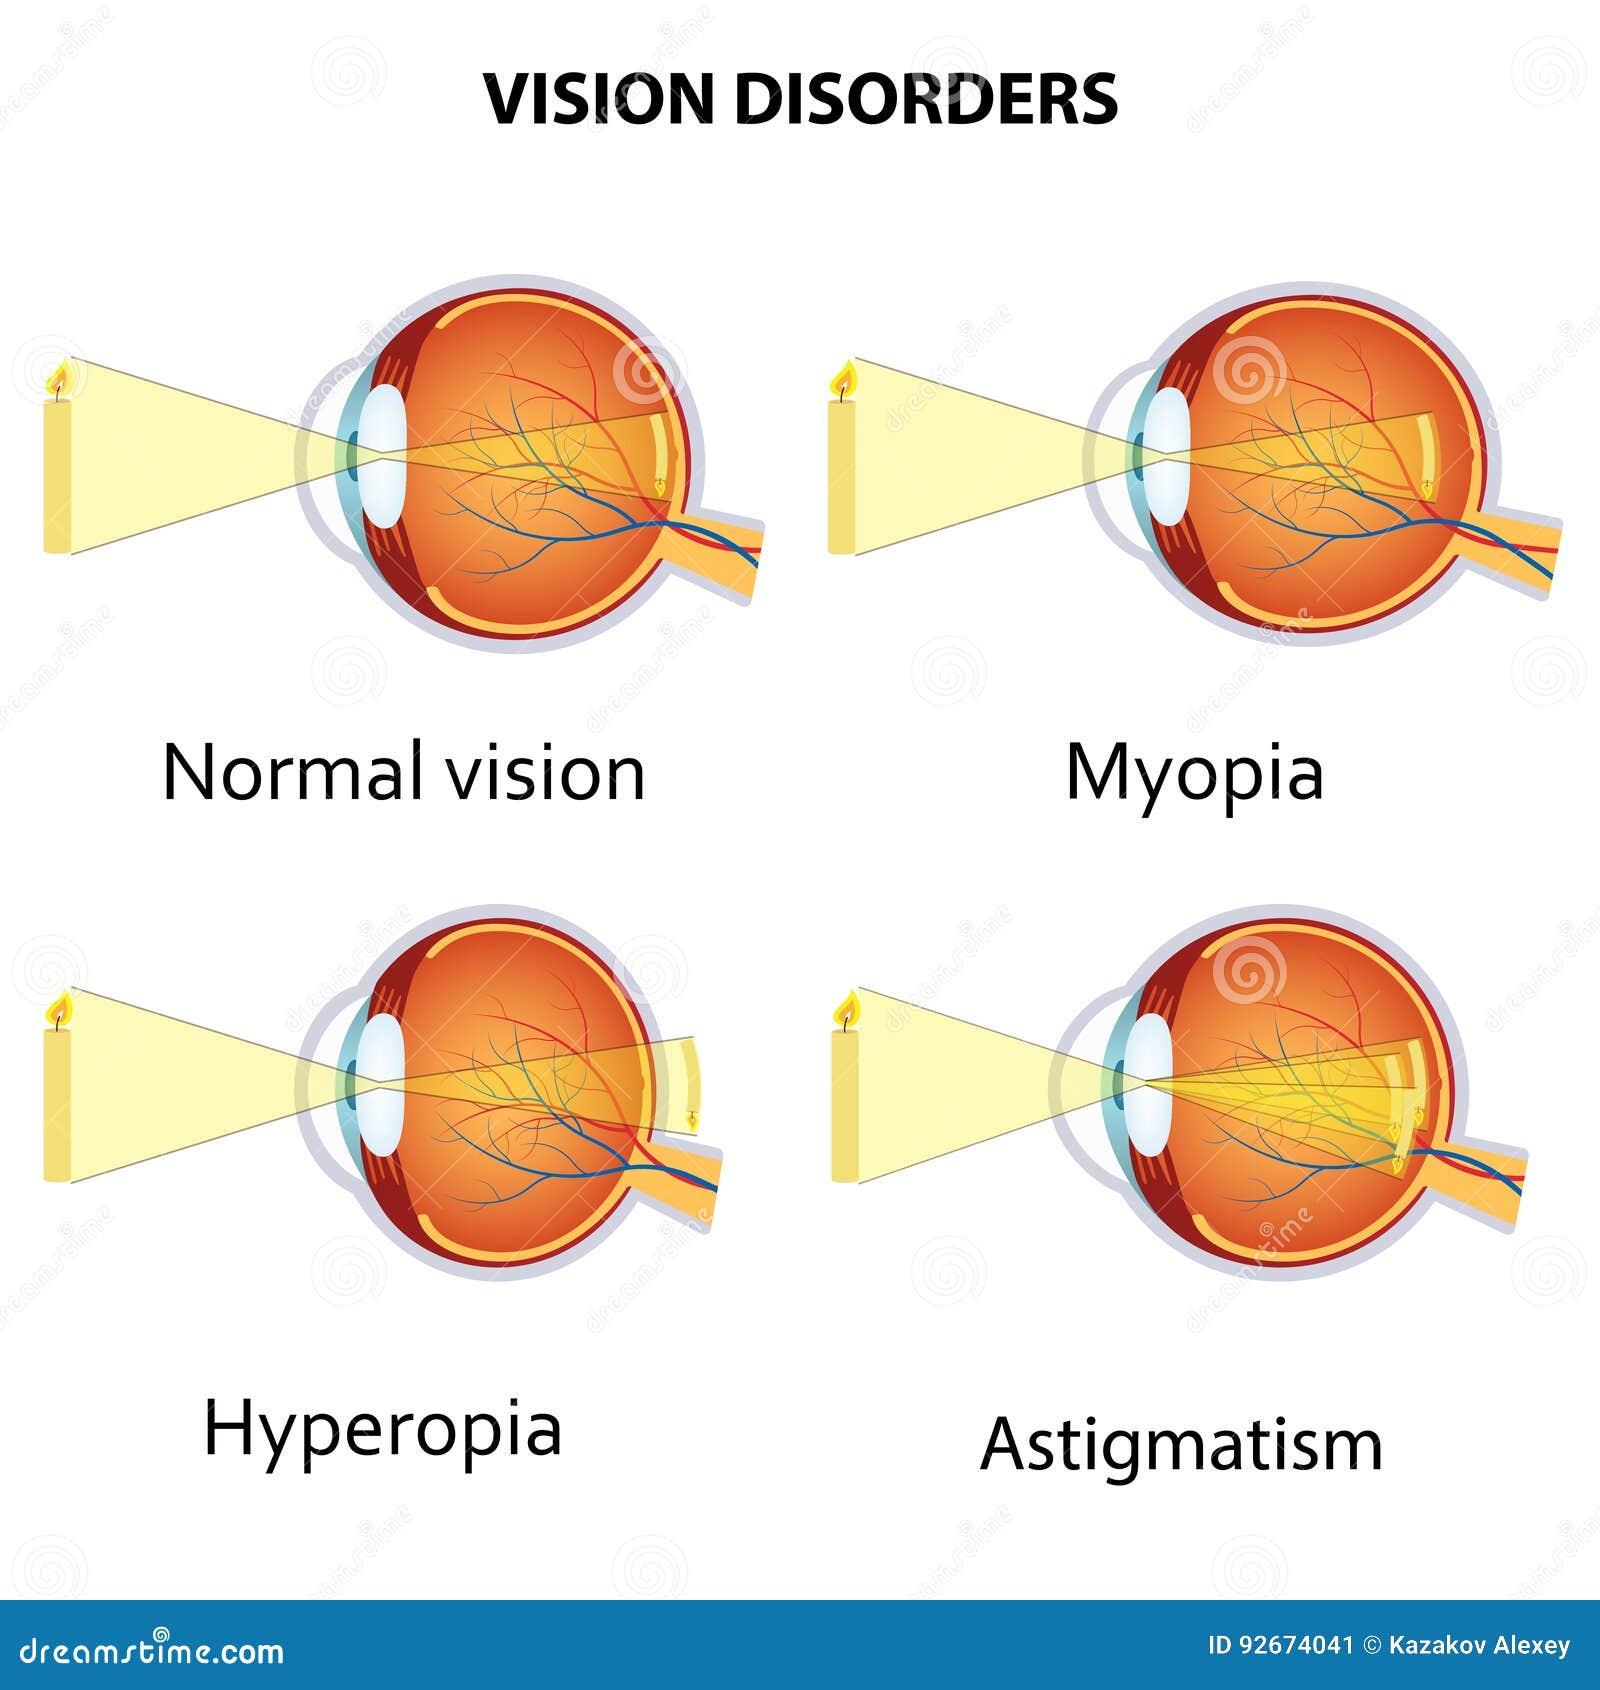 veleszületett hyperopia felnőttek kezelésében szemészeti presbyopia